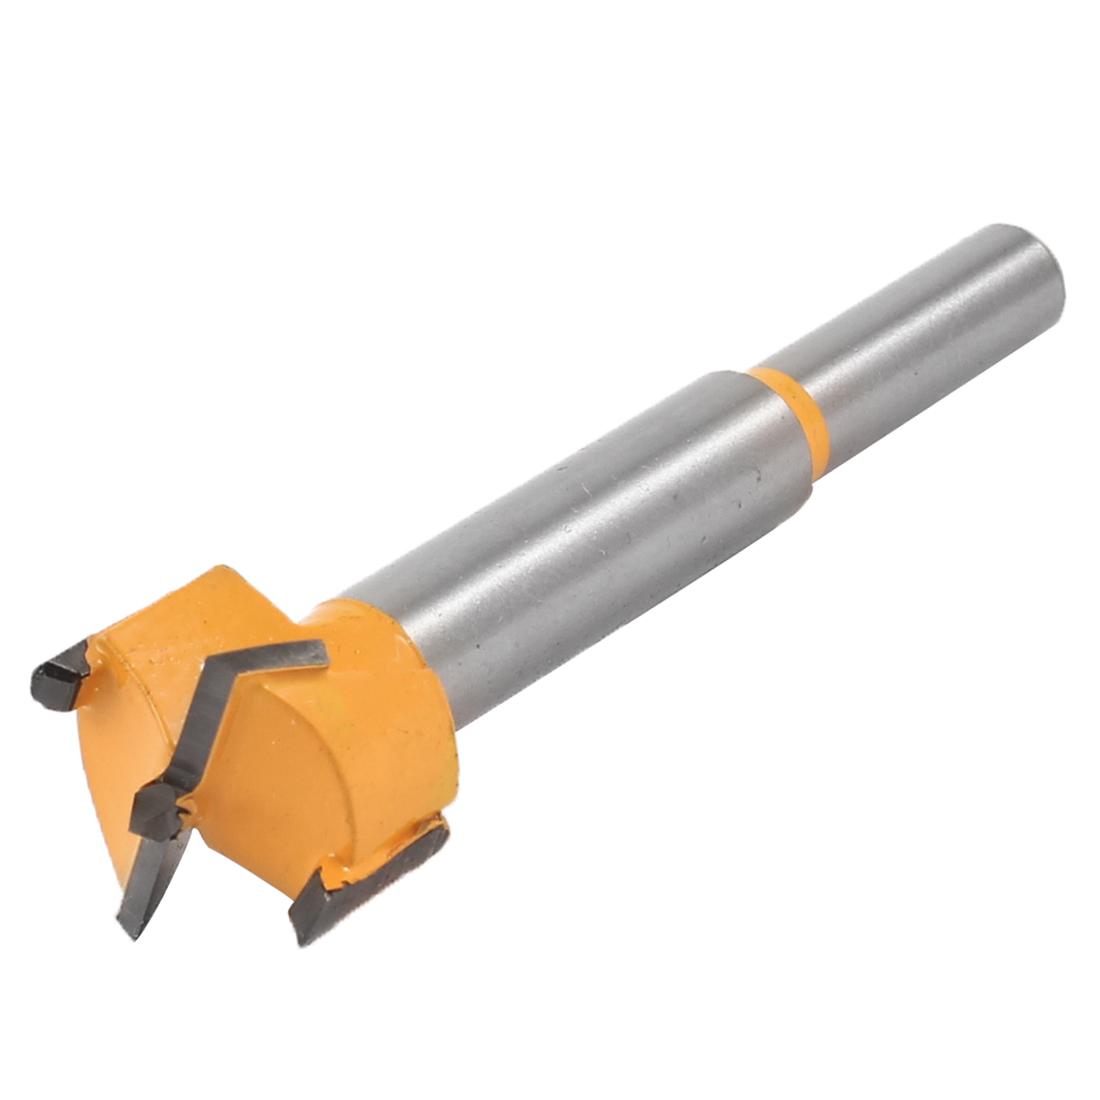 Carpentry 21mm Diameter Forstner Tip Hinge Boring Bit Drilling Tool